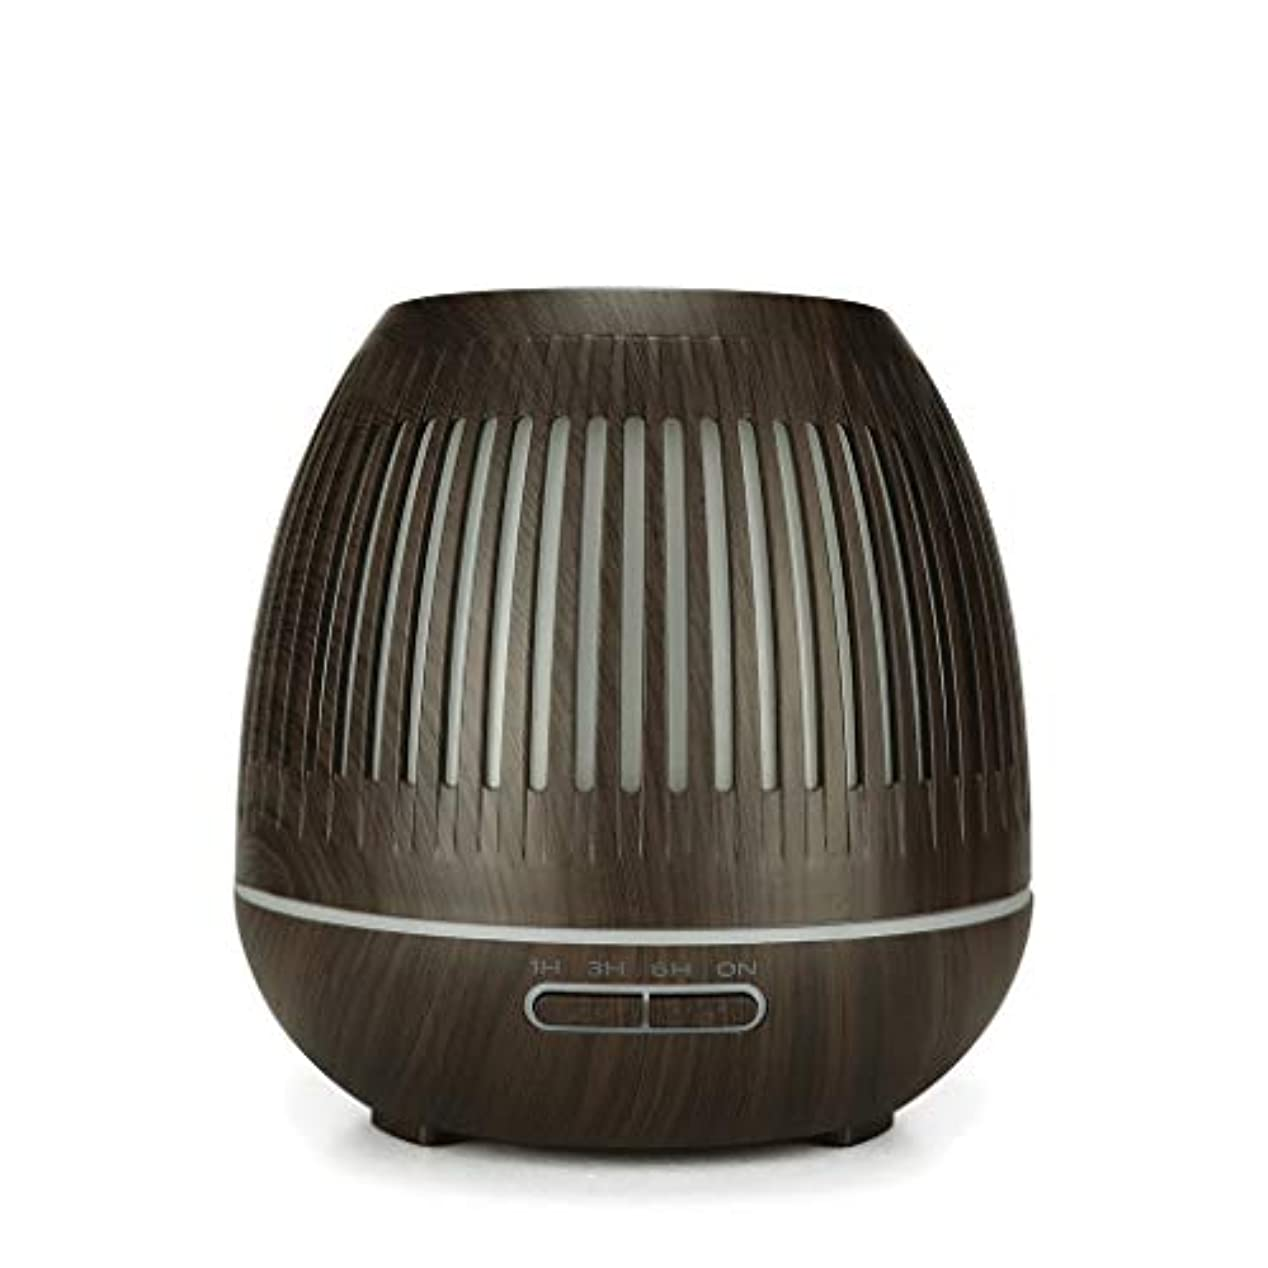 証言するくま粒子400ミリリットル超音波クールミスト加湿器付きカラーledライト用ホームヨガオフィススパ寝室ベビールーム - ウッドグレインディフューザー (Color : Dark wood grain)